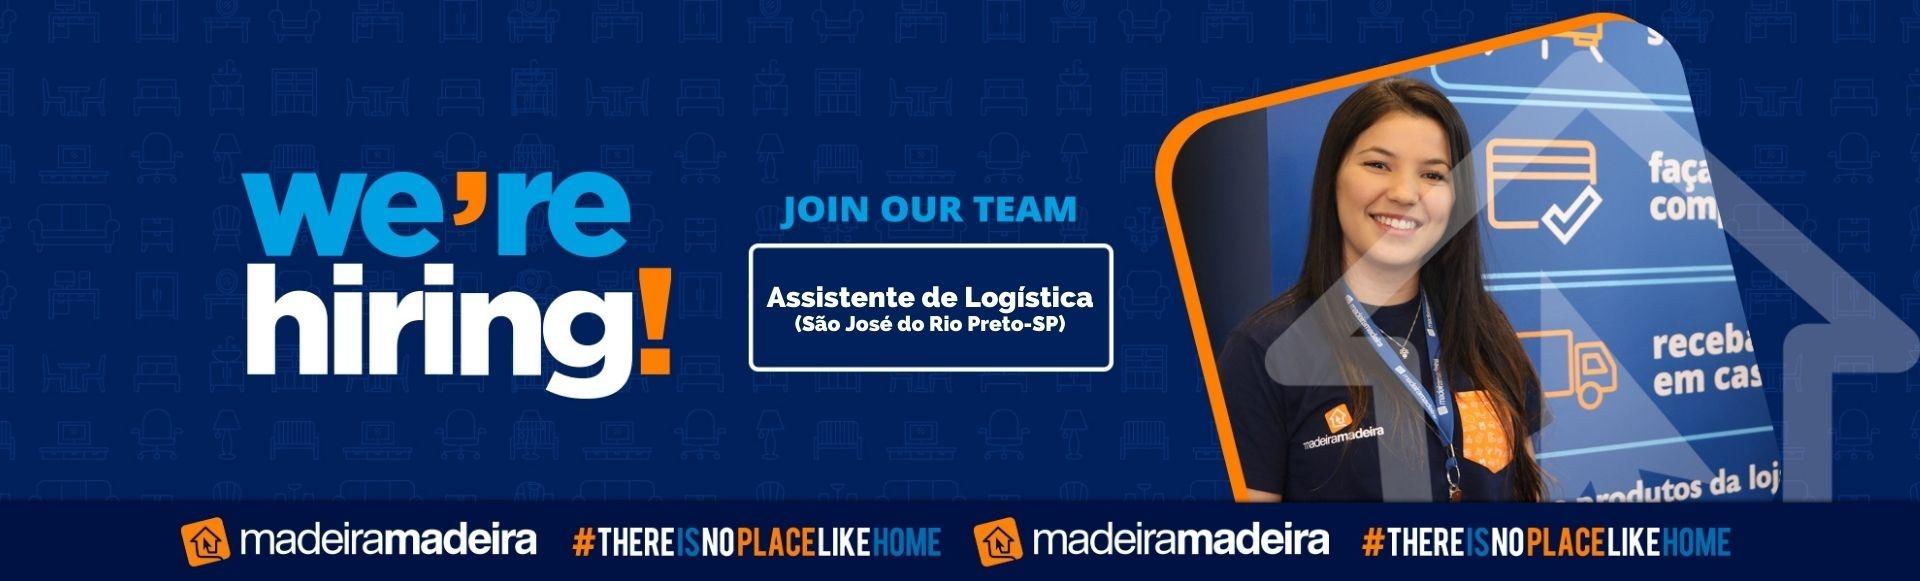 Assistente de Logística (São José do Rio Preto-SP)